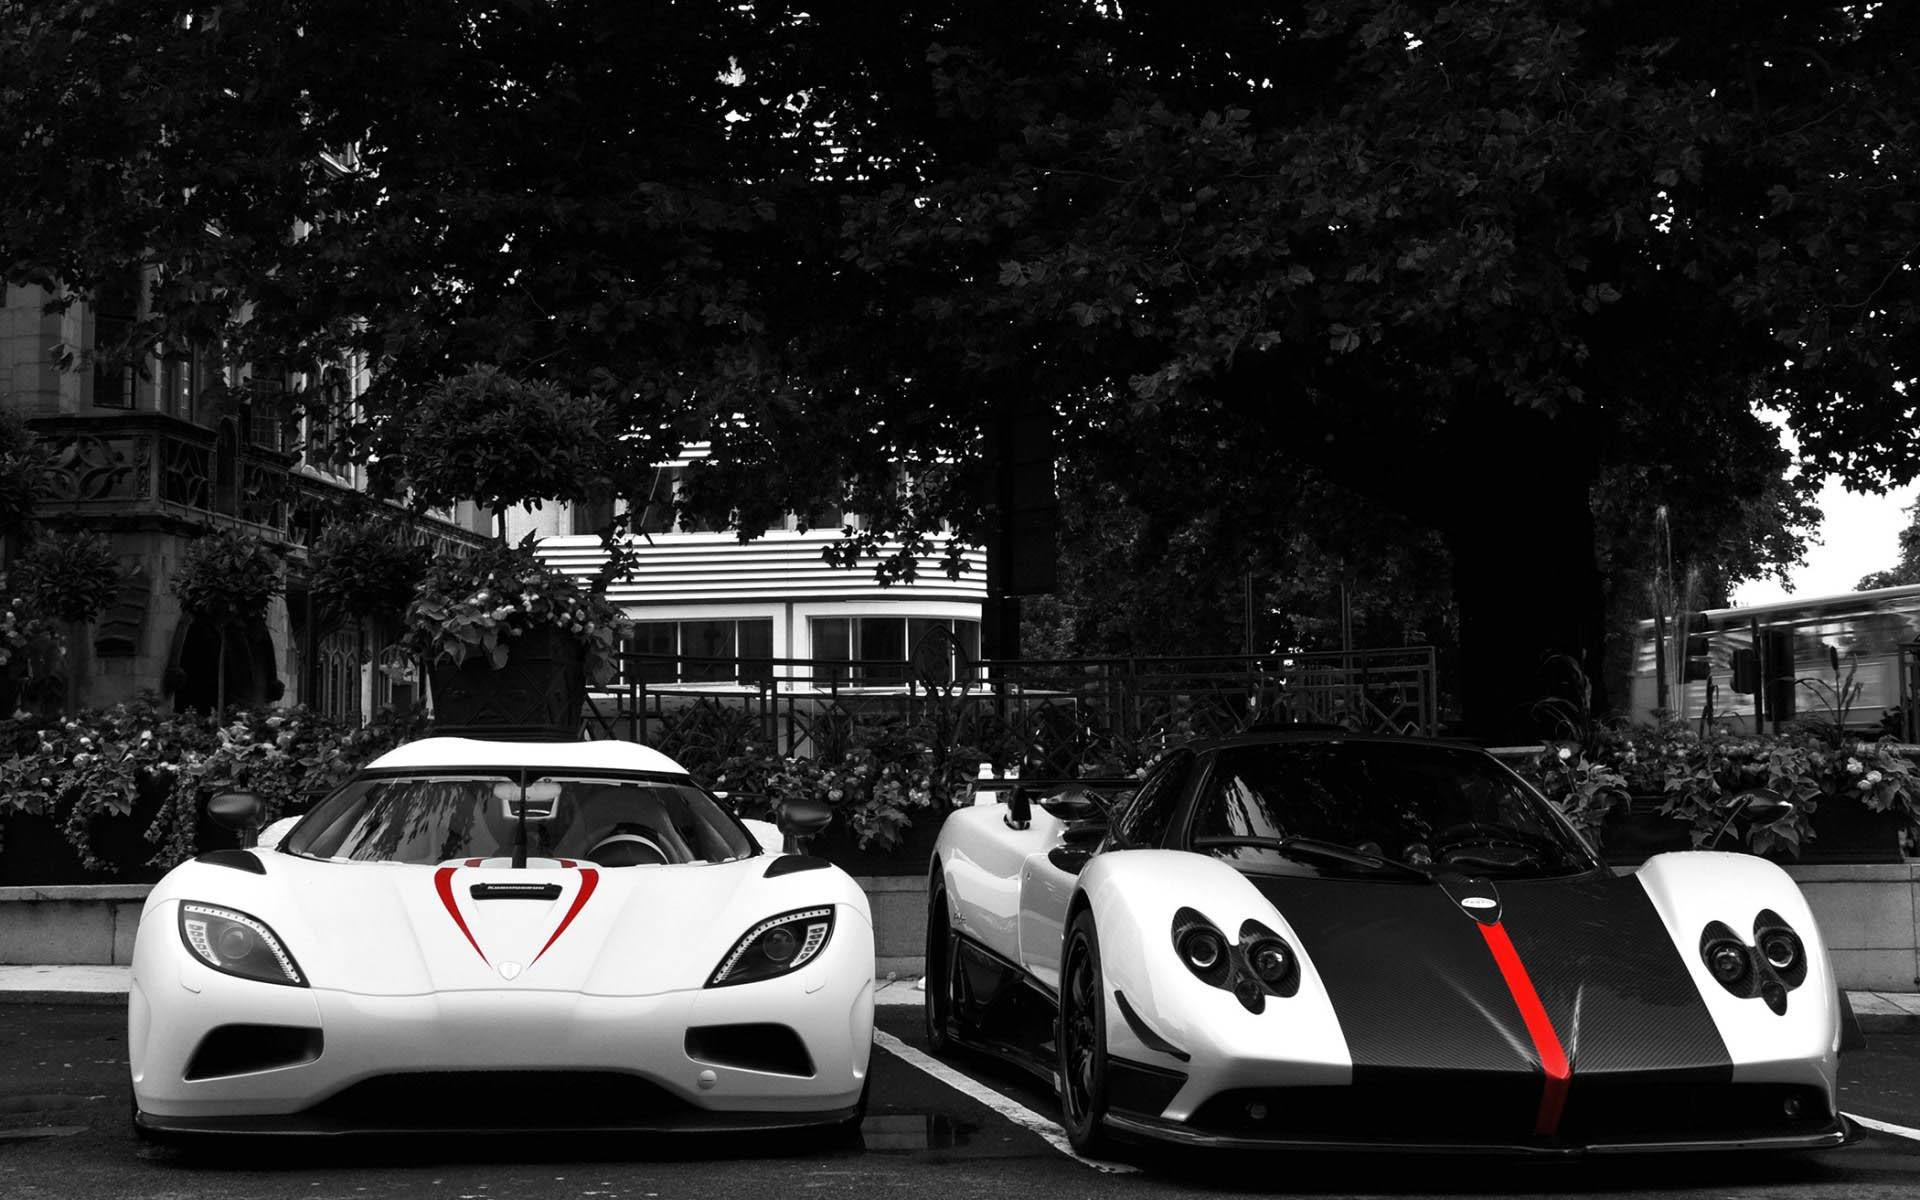 White Koenigsegg Agera R VS Black & White Pagani Zonda wallpaper